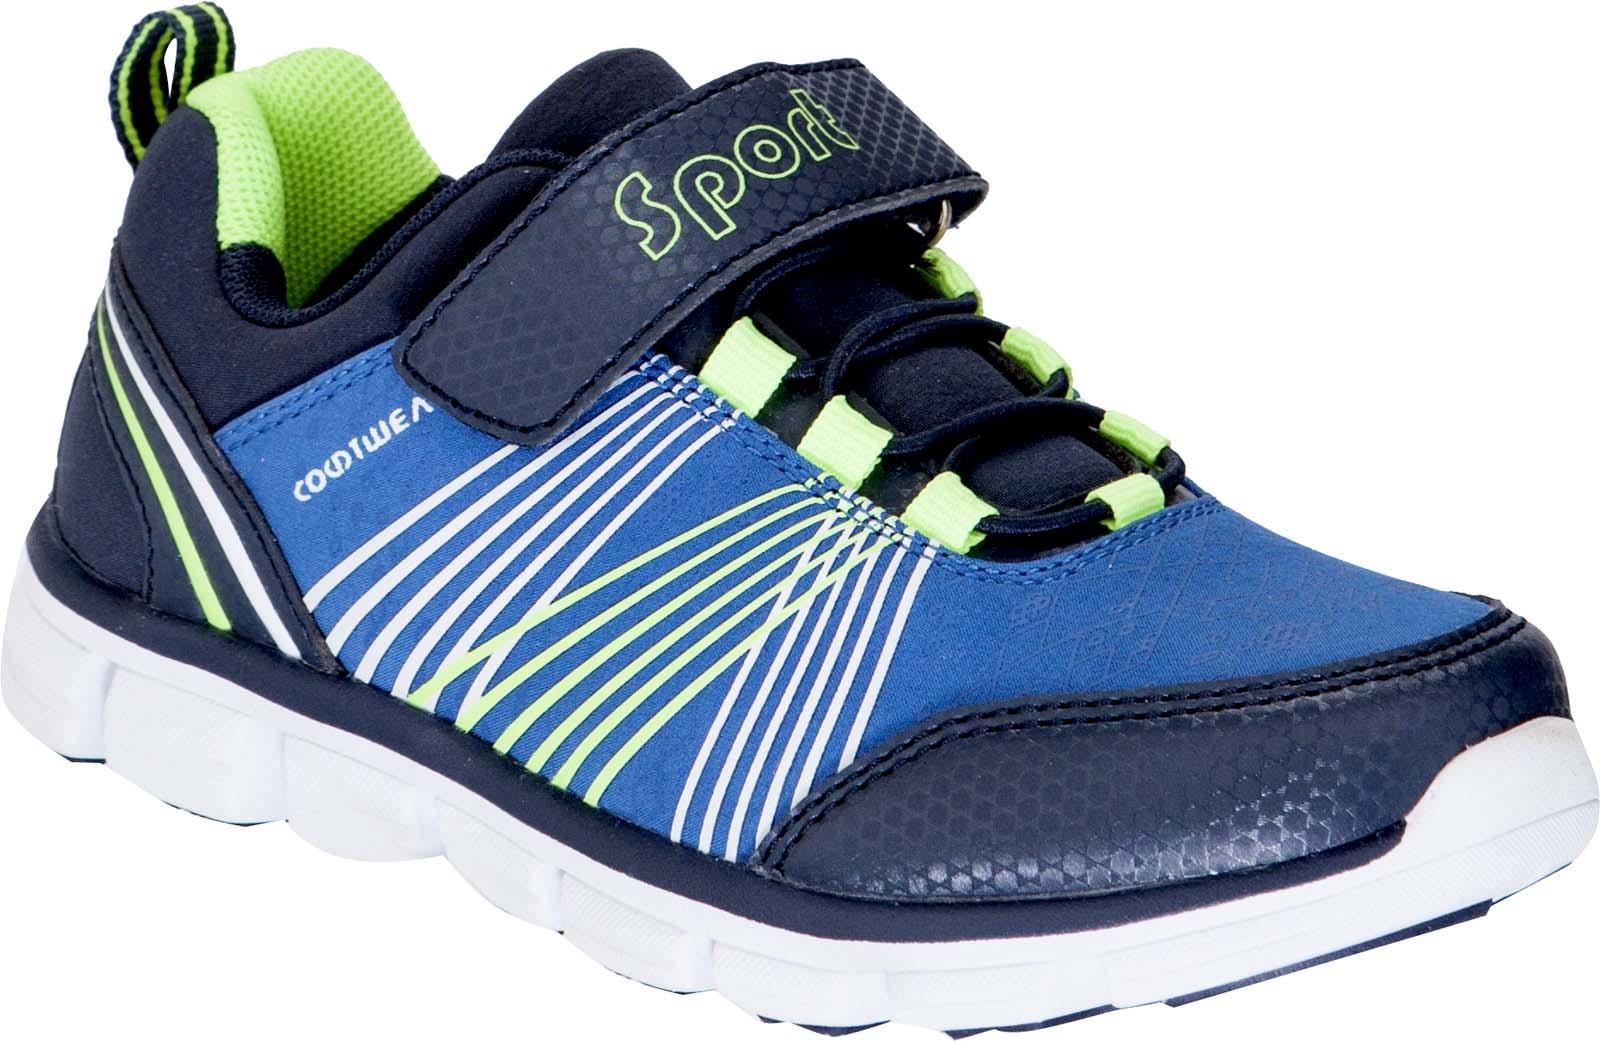 Кроссовки для мальчика Kapika, цвет: синий, салатовый. 73348. Размер 3473348Кроссовки от Kapika займут достойное место в гардеробе вашего ребенка! Модель изготовлена из текстиля и искусственной кожи. Классическая шнуровка и хлястик на липучке, обеспечивают надежную фиксацию обуви на ноге. Внутренняя поверхность из текстиля, обеспечивает комфорт и предотвращает натирание. Стелька из кожи и текстиля сохраняет комфортный микроклимат в обуви. Рифленая поверхность подошвы защищает изделие от скольжения. Стильные и в то же время удобные кроссовки - необходимая вещь в гардеробе каждого ребенка.